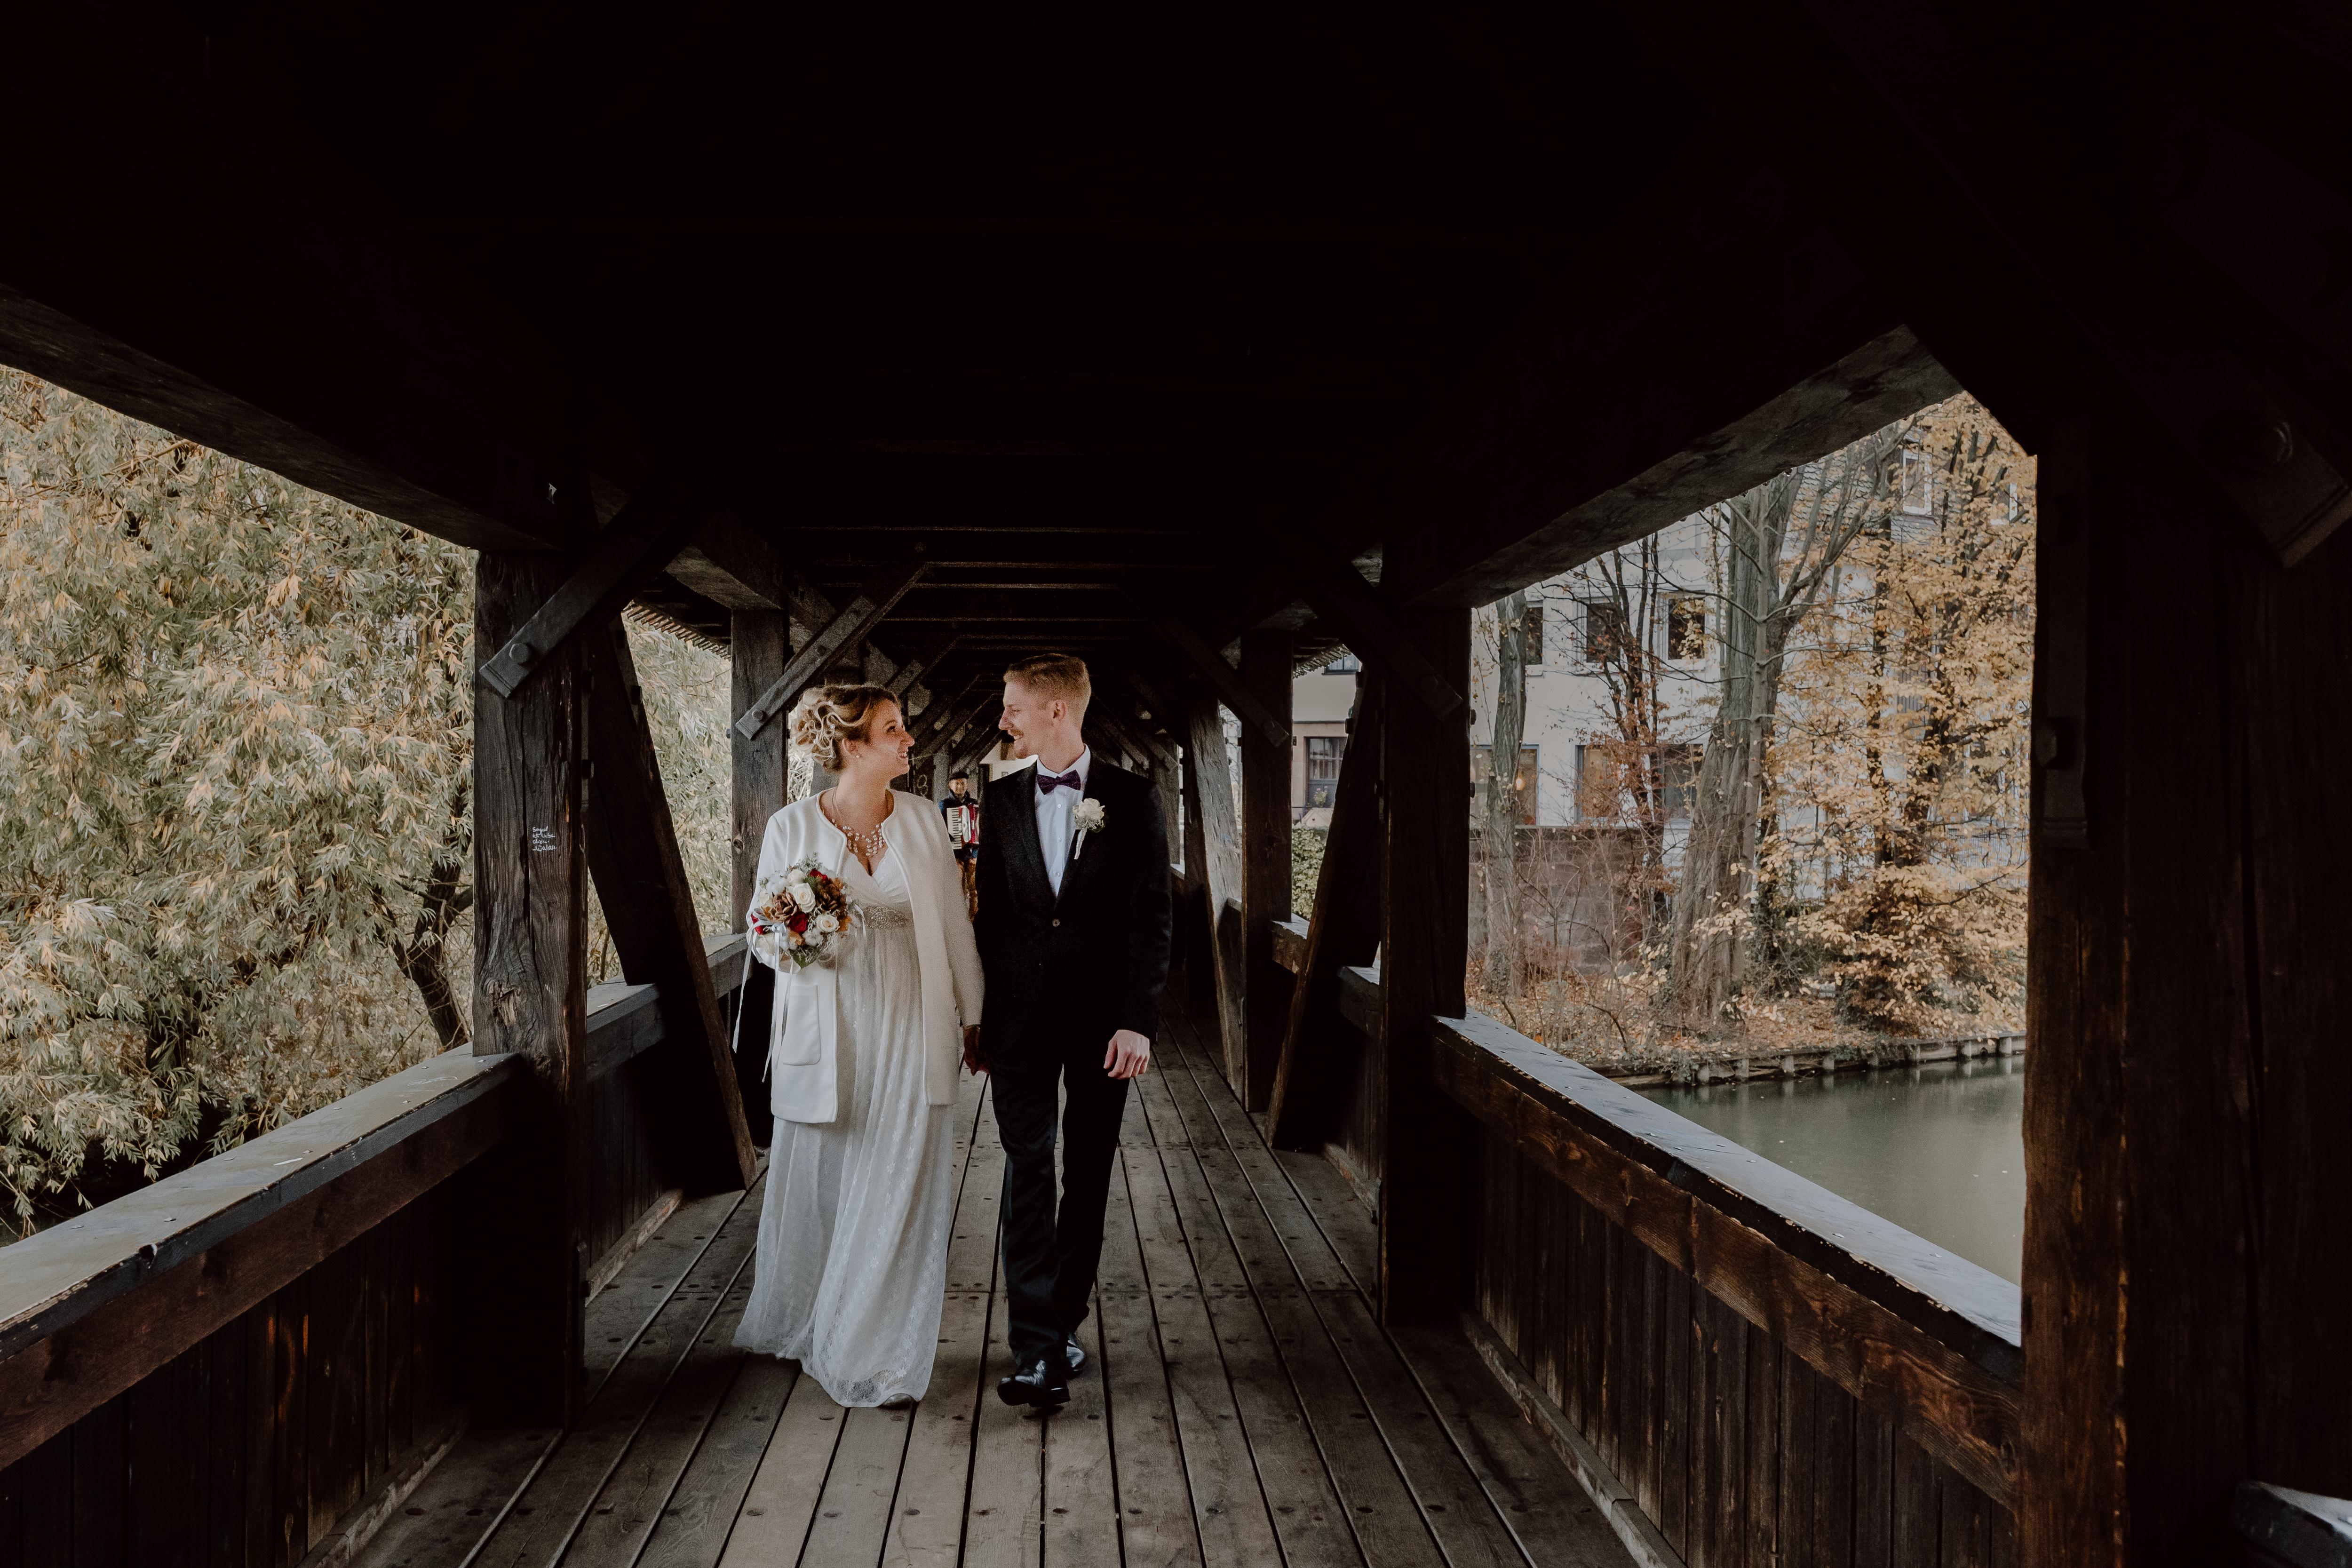 URBANERIE_Daniela_Goth_Hochzeitsfotografin_Nürnberg_Fürth_Erlangen_Schwabach_171110_0532